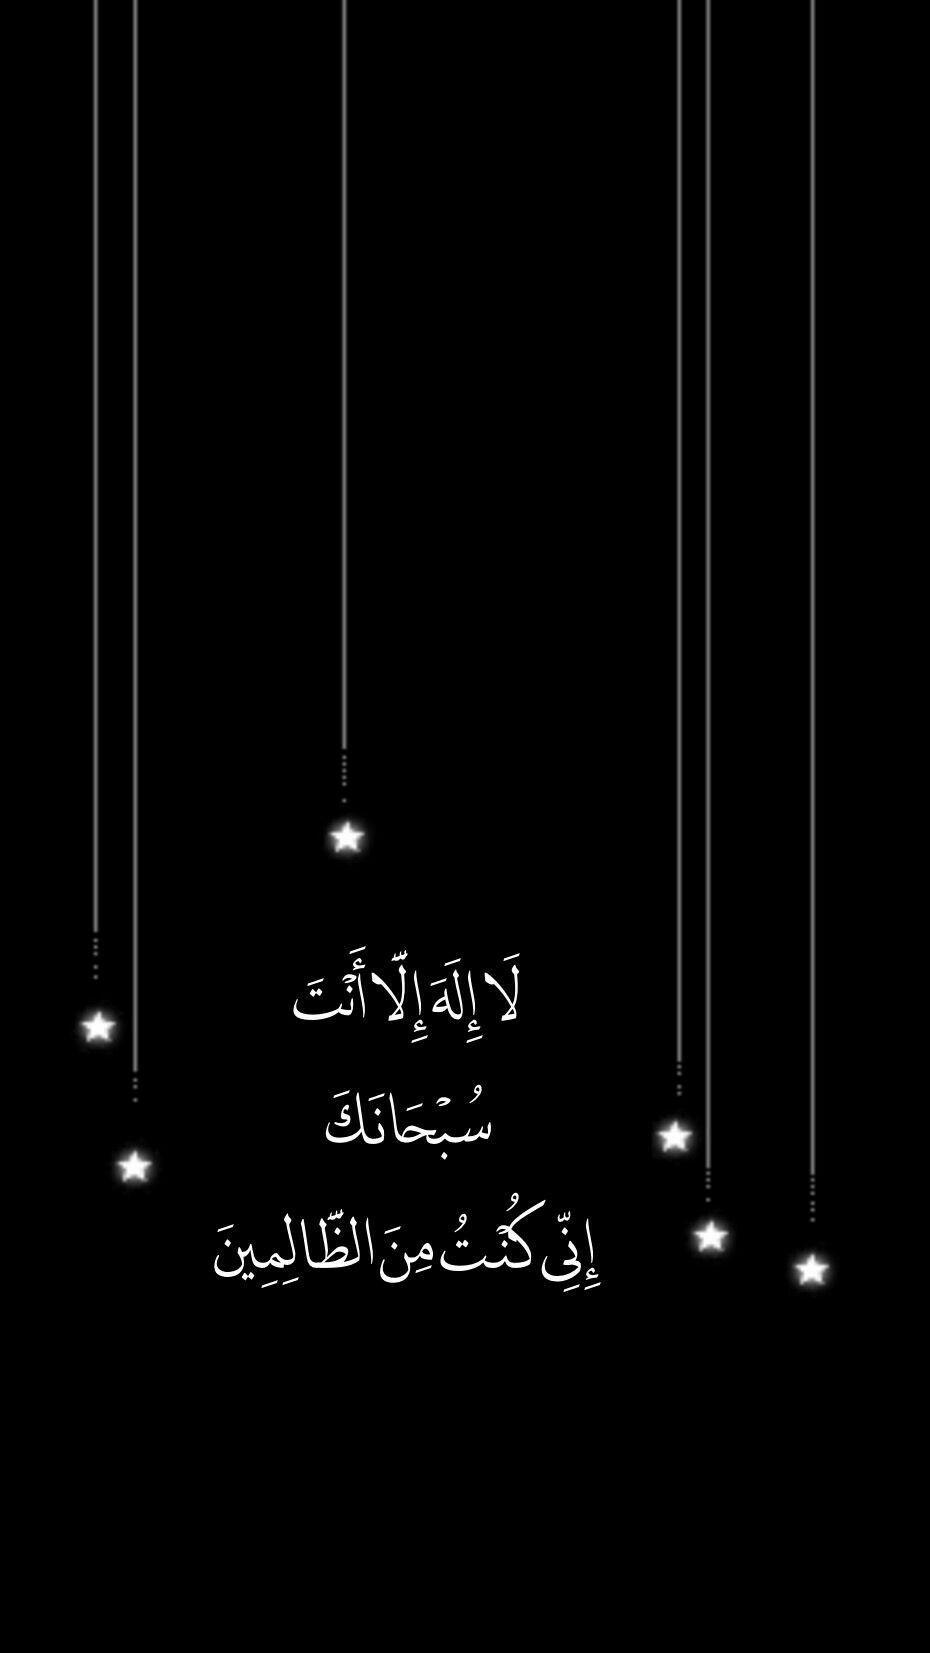 2.3 foto keren untuk profil; Aesthetic Islamic Wallpaper Download Free 4k Wallpapers Background Images In 2021 Islamic Wallpaper Quran Wallpaper Islamic Wallpaper Iphone